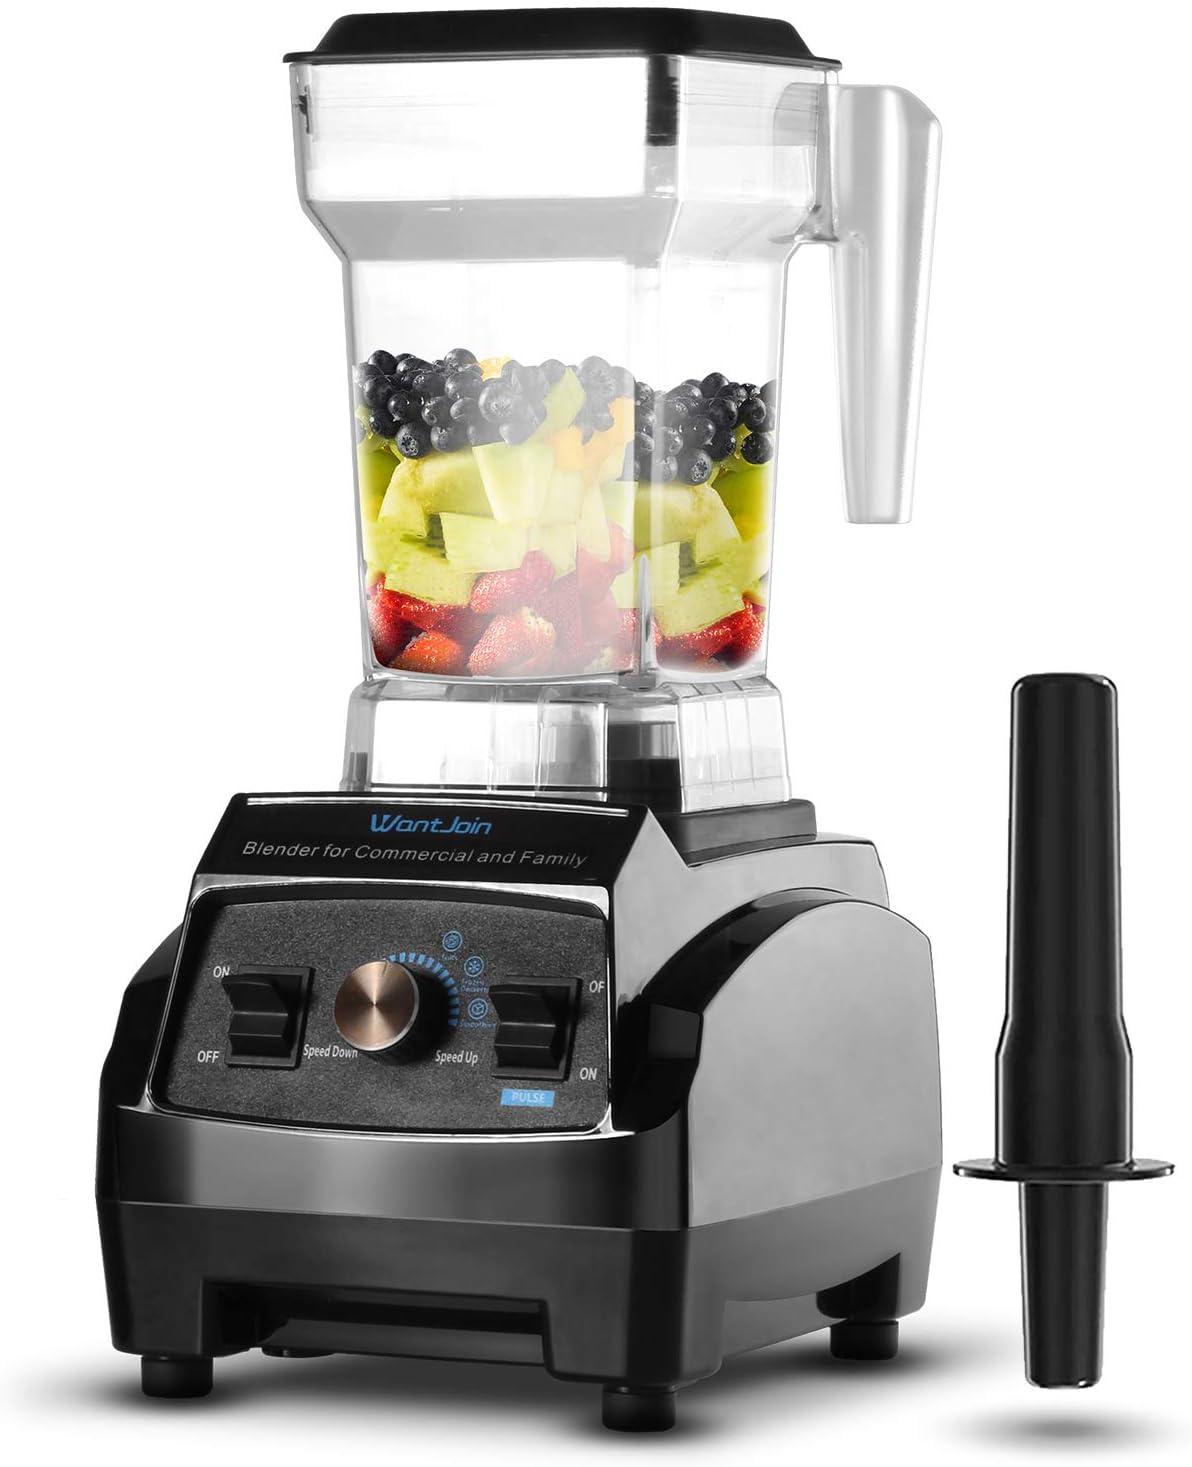 WantJoin Batidora de vaso para smoothie Maker Smoothie Blender, batidora profesional con recipiente de tritán de 1,8 l, de alto rendimiento para batidos y batidos, Frozen Desser (1,8 l) (1,8 l)